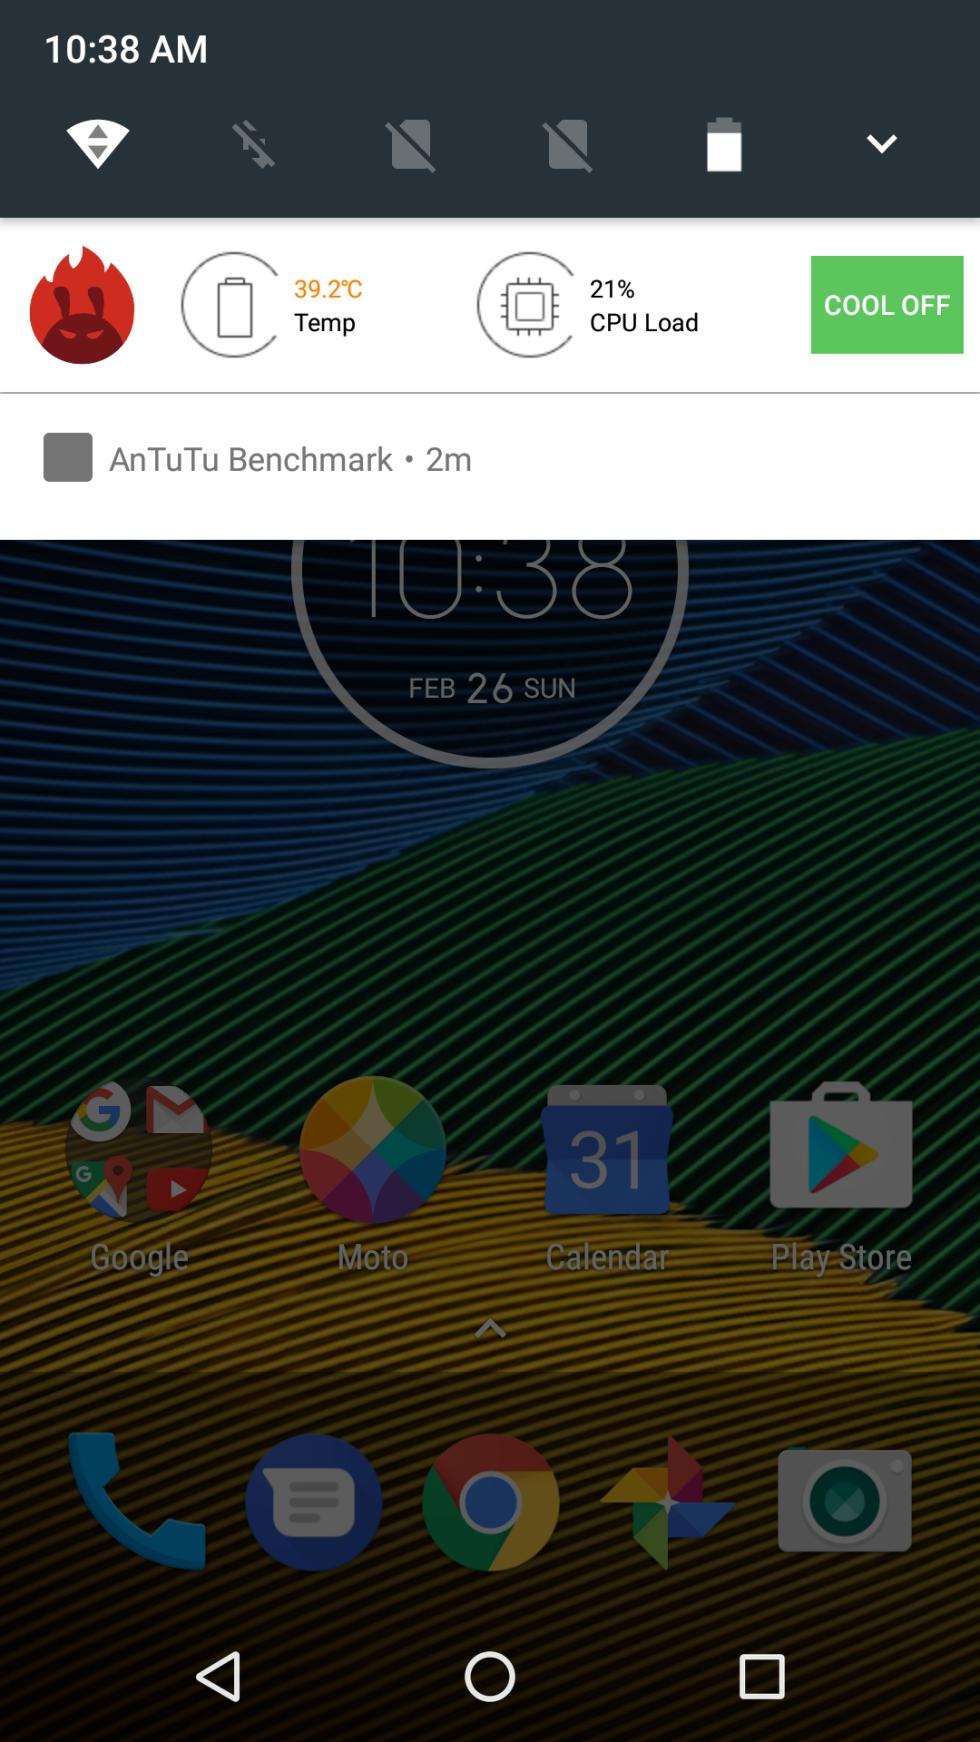 Interfaz del Moto G5 en las primeras impresiones